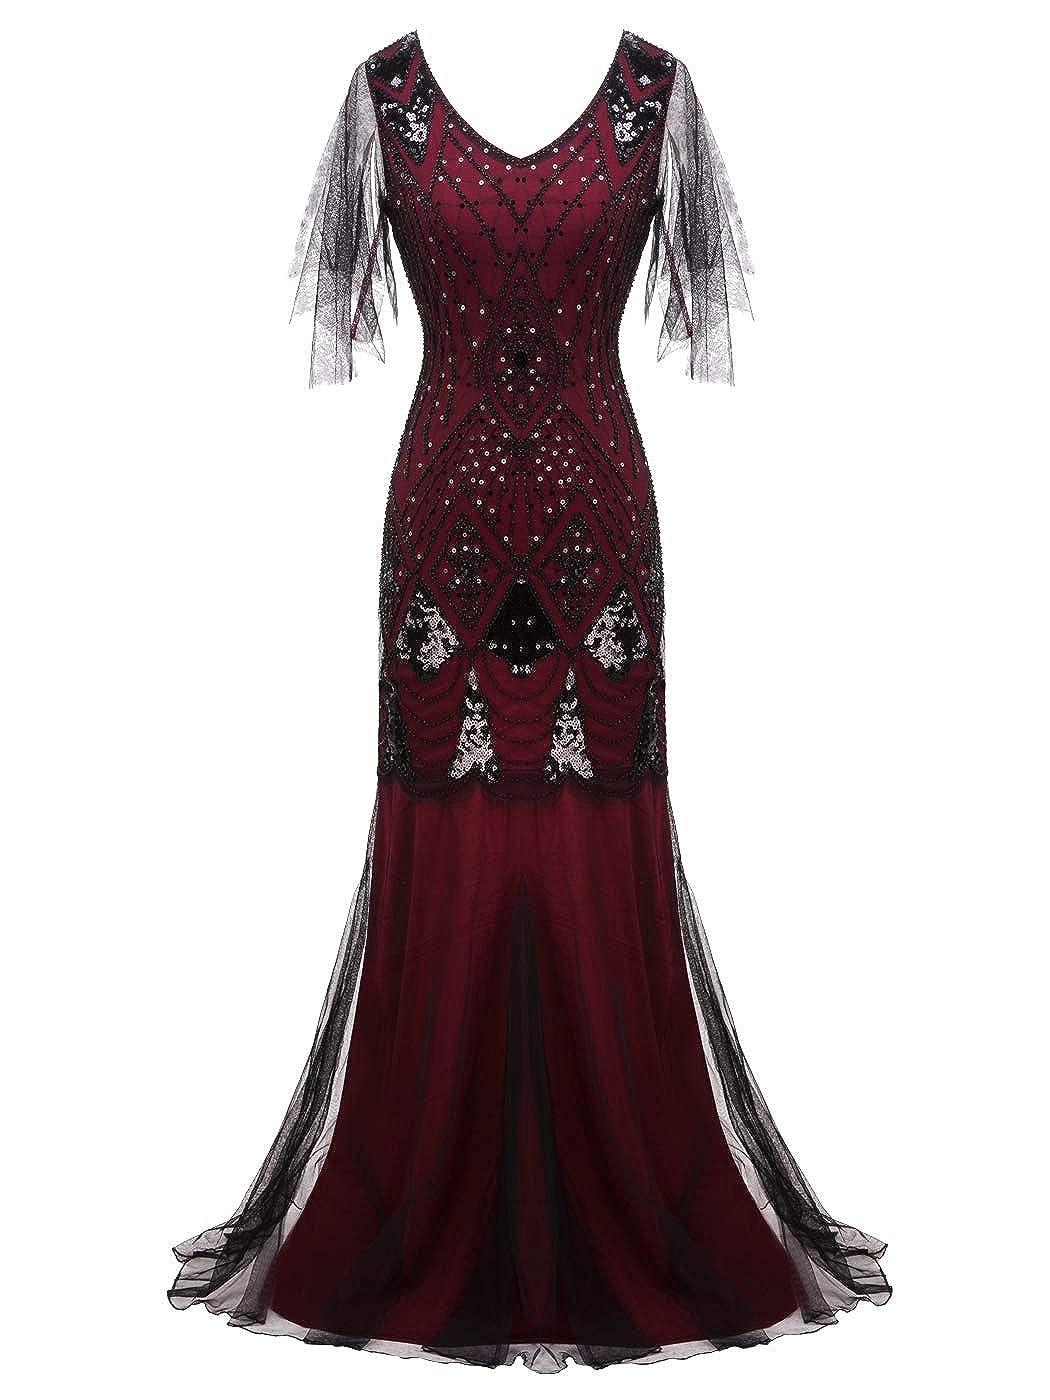 023burgundy Black FAIRY COUPLE 1920s FloorLength VBack Sequined Embellished Prom Evening Dress D20S004